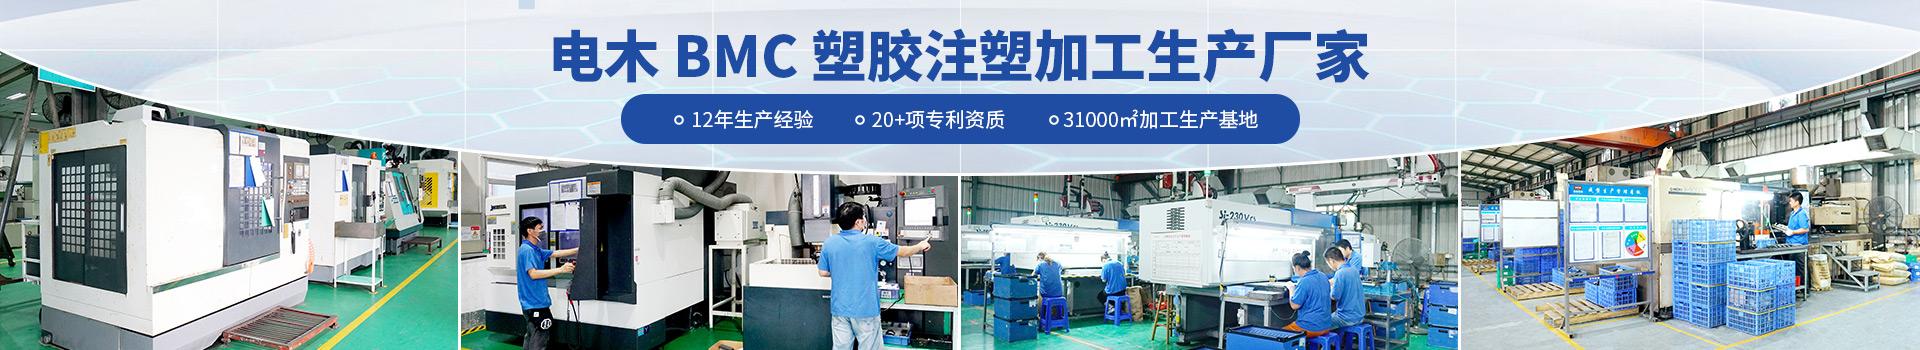 德威铸造-电木,BMC,塑胶注塑加工生产厂家